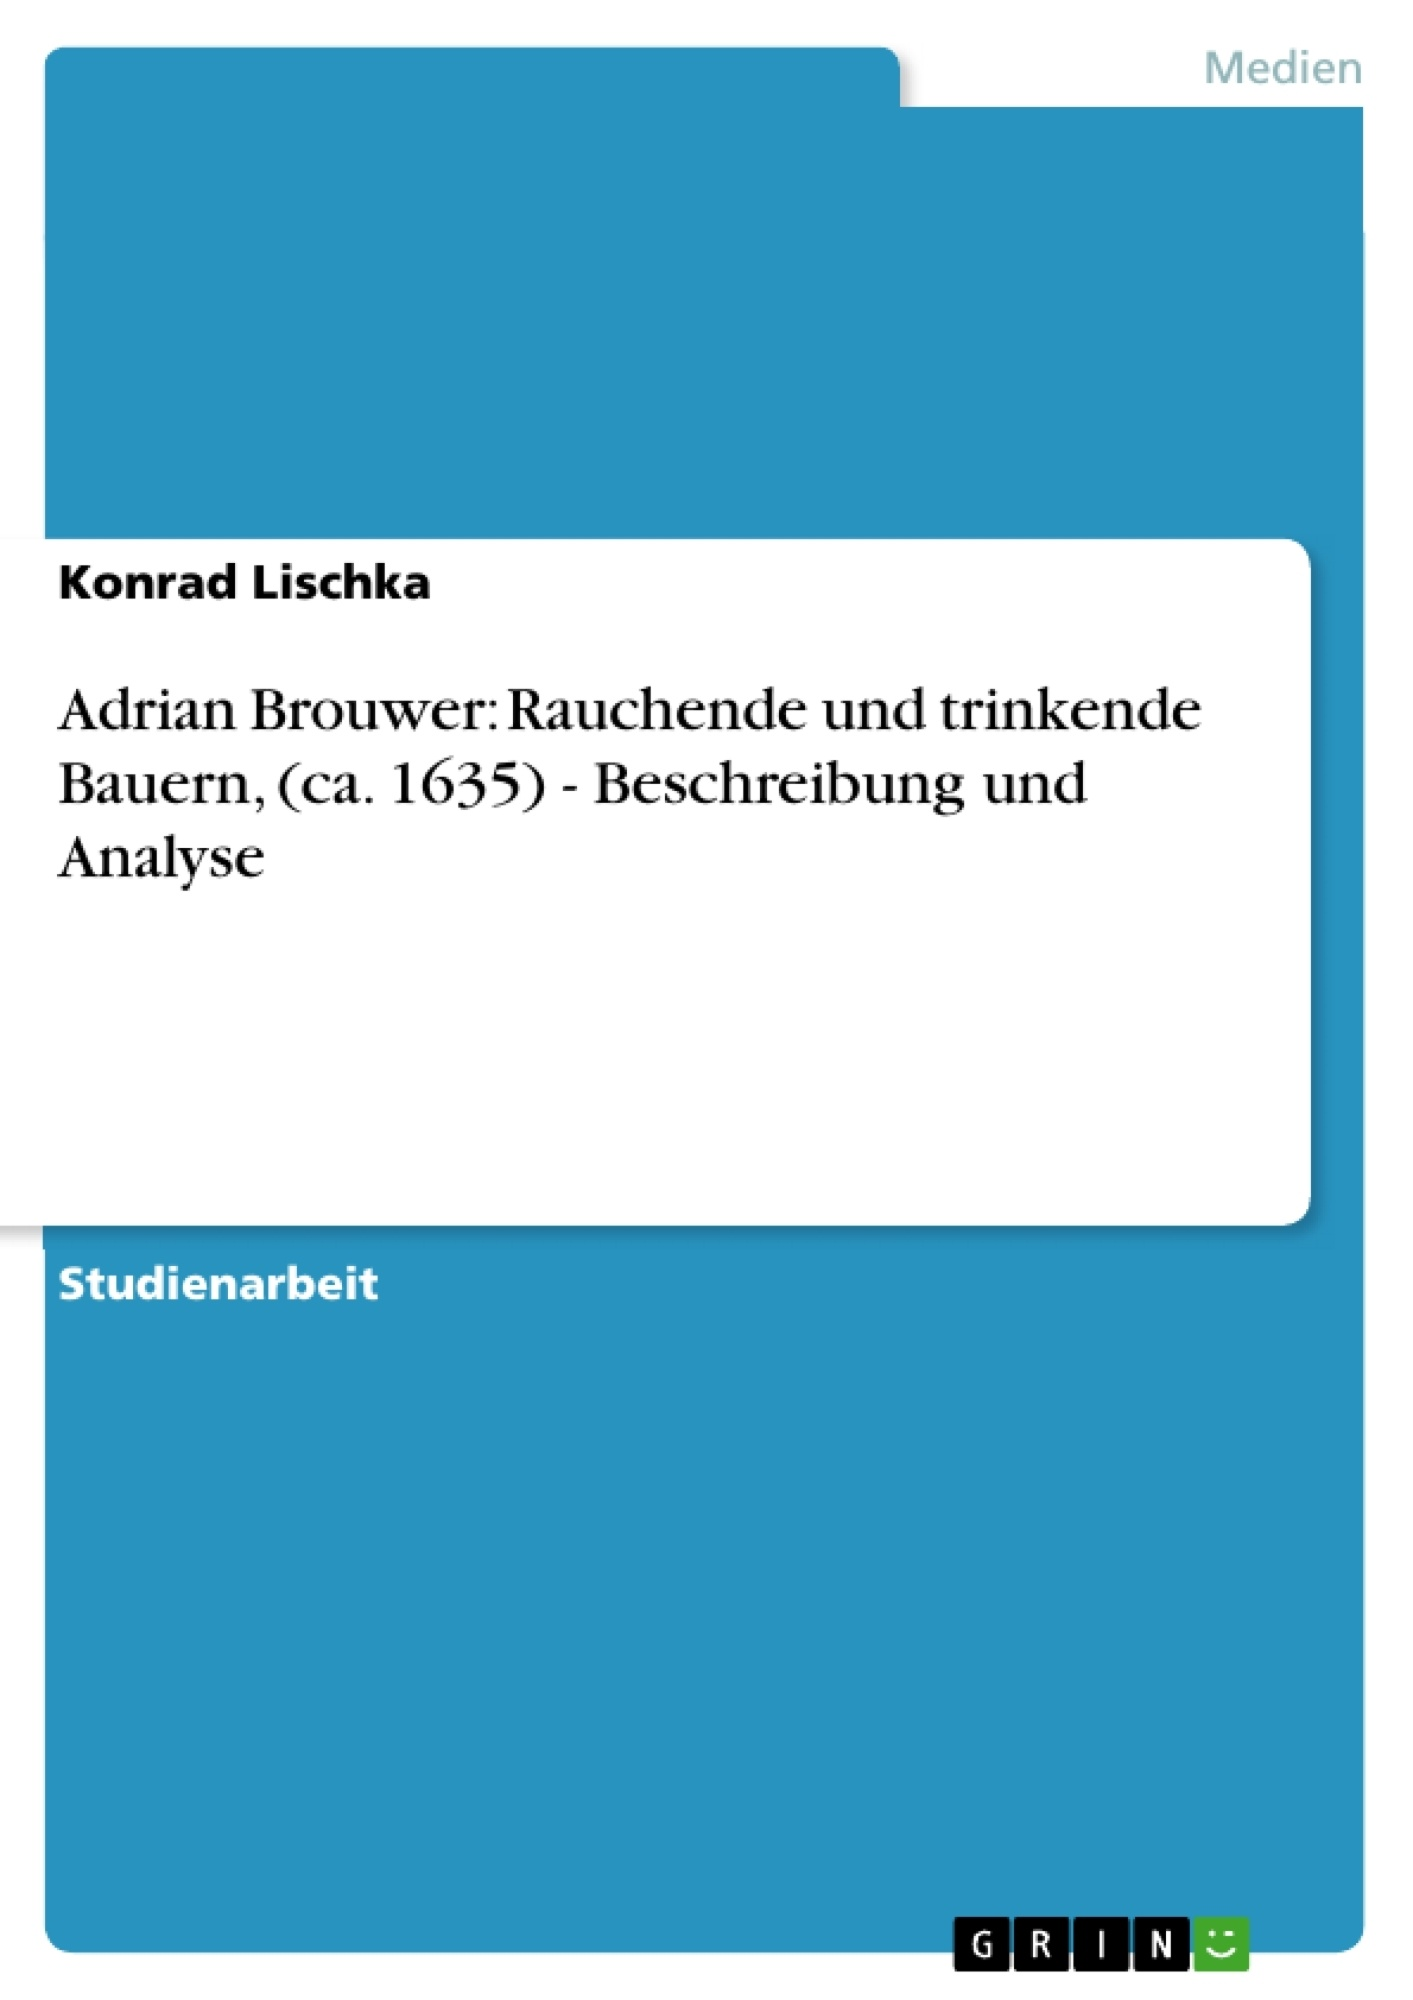 Titel: Adrian Brouwer: Rauchende und trinkende Bauern, (ca. 1635) - Beschreibung und Analyse